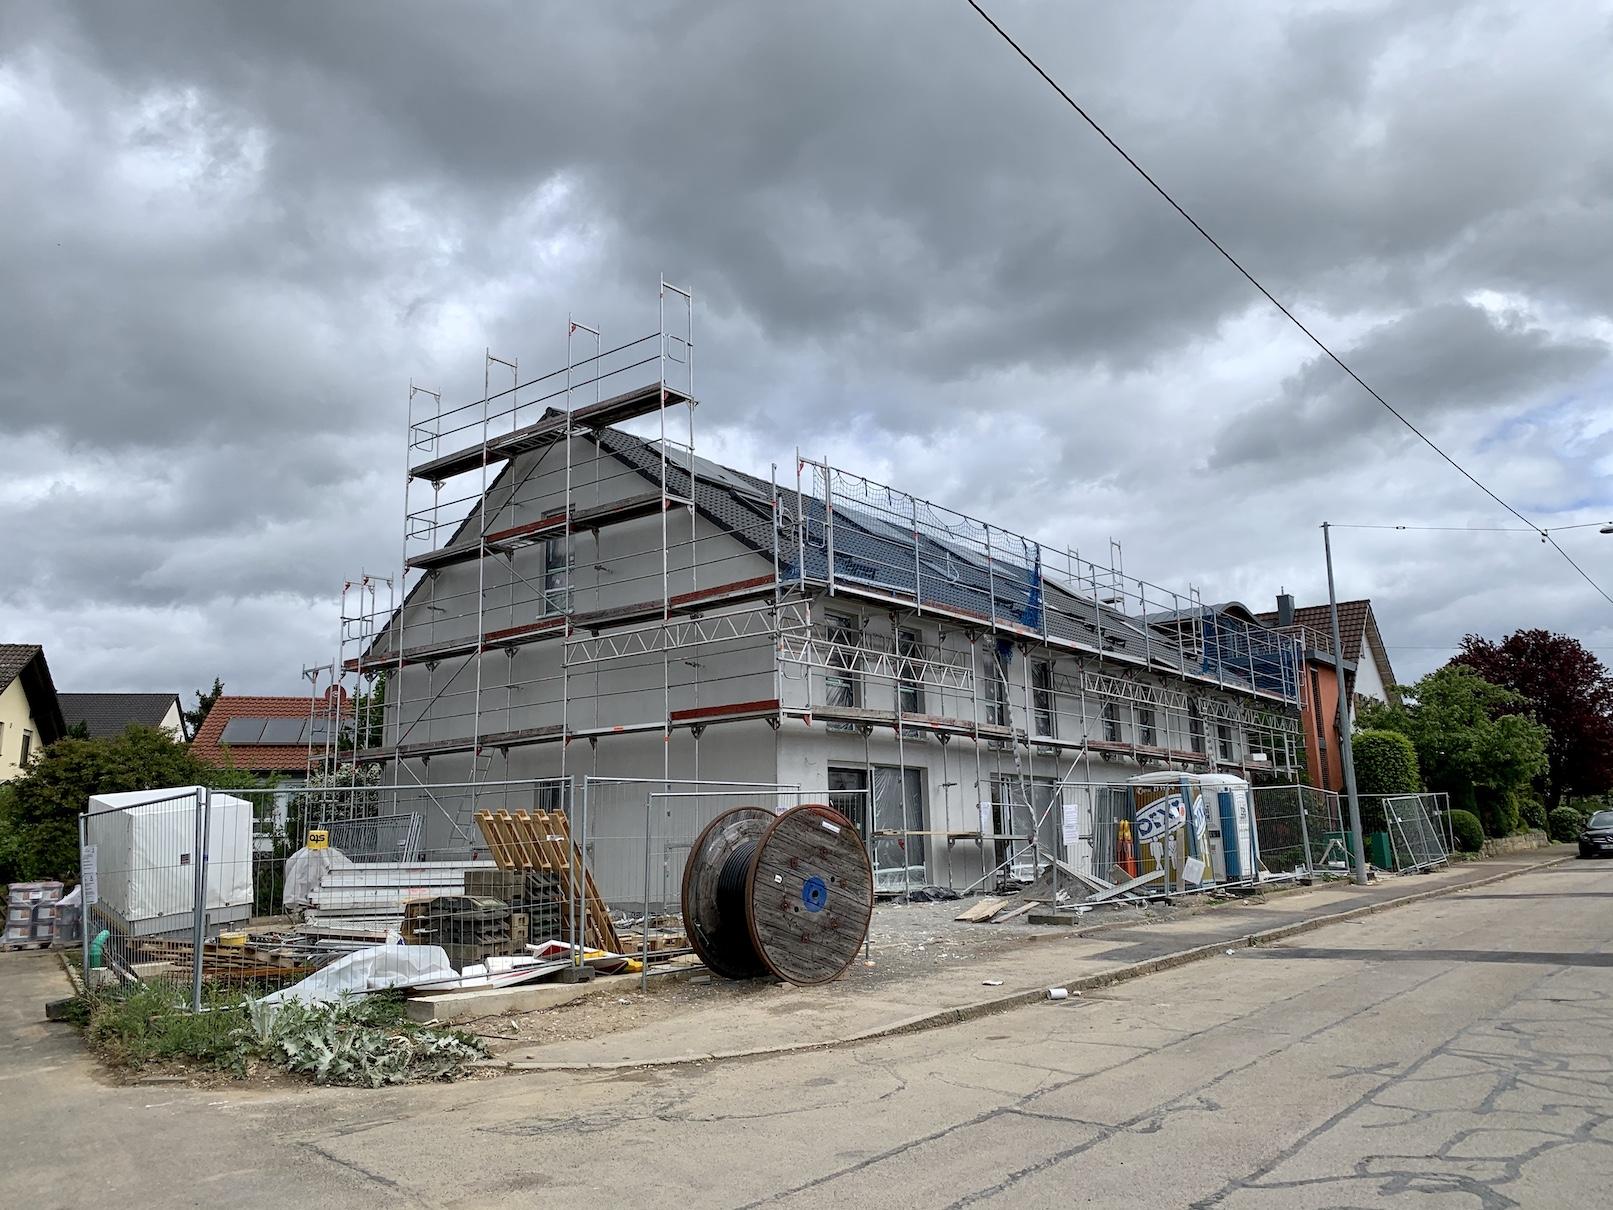 29.04.2020 - Der Vollwärmeschutz wurde angebracht und verputzt. Im Inneren werden die Rohinstallationen für Sanitär-, Heizung- und Strom eingebaut.